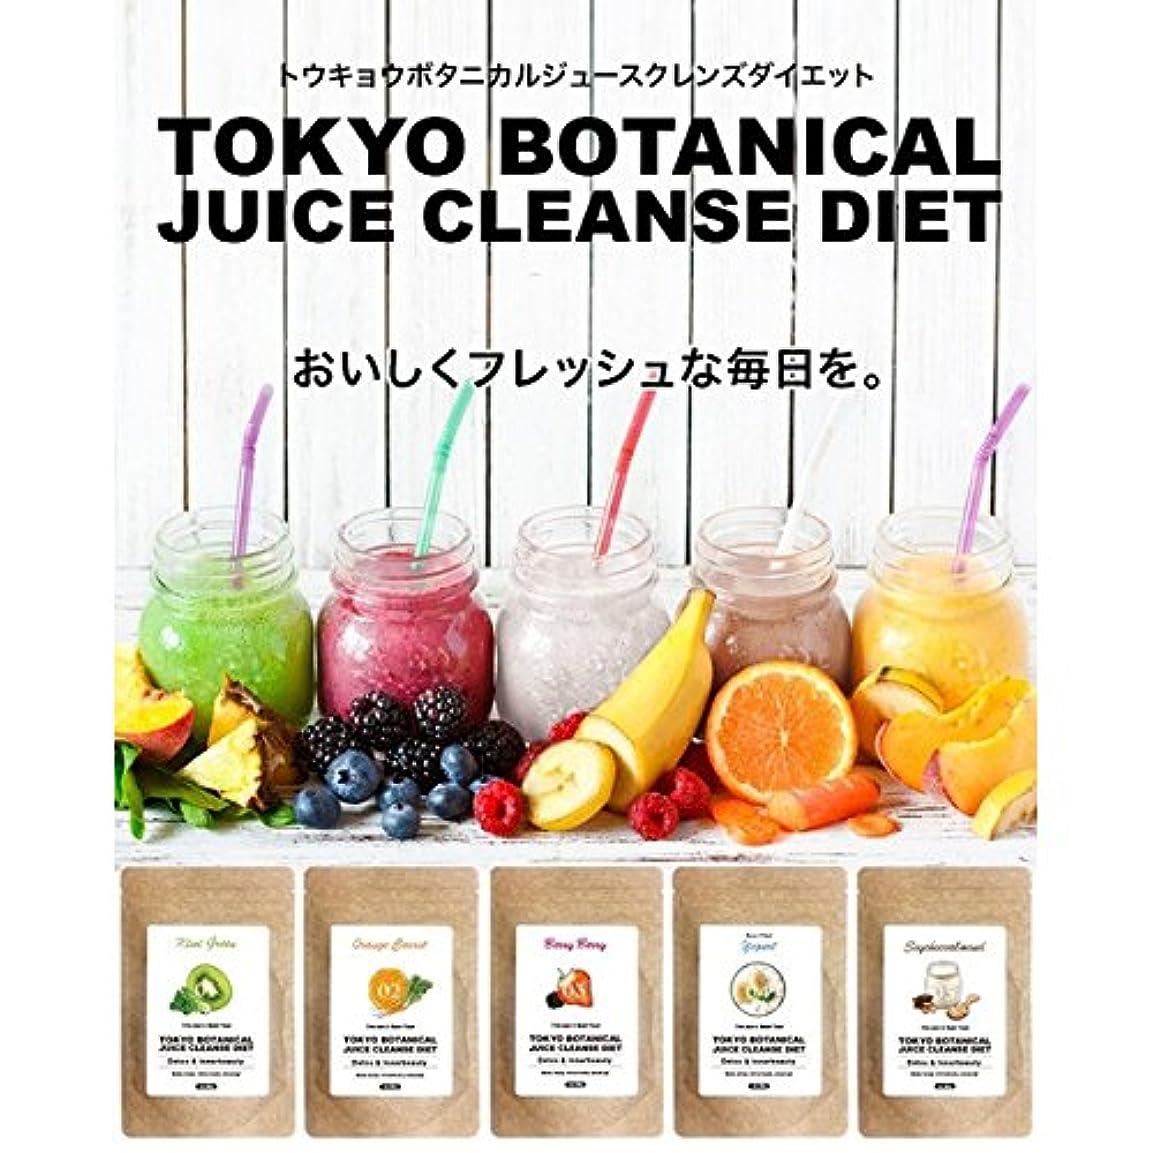 入浴尽きる非難東京ボタニカルジュースクレンズダイエット  キウイグリーン&ソイチョコアーモンドセット